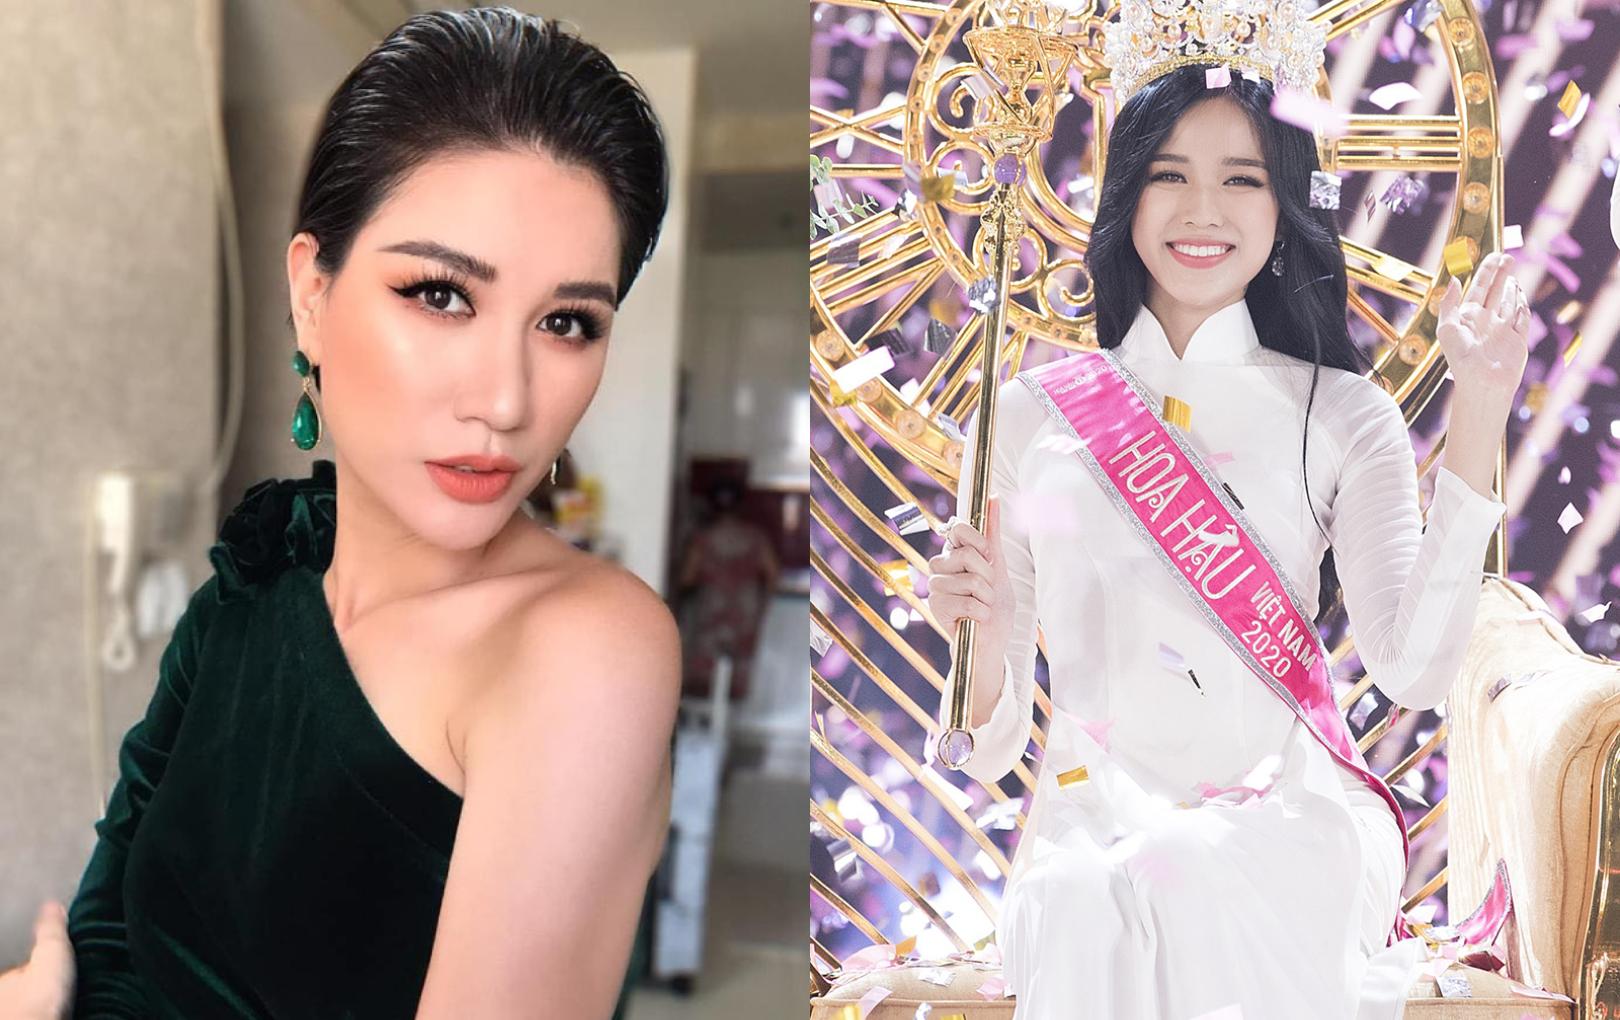 """Trang Trần nhận xét tân Hoa hậu Đỗ Thị Hà có vòng eo """"bánh mì"""" giống mình"""